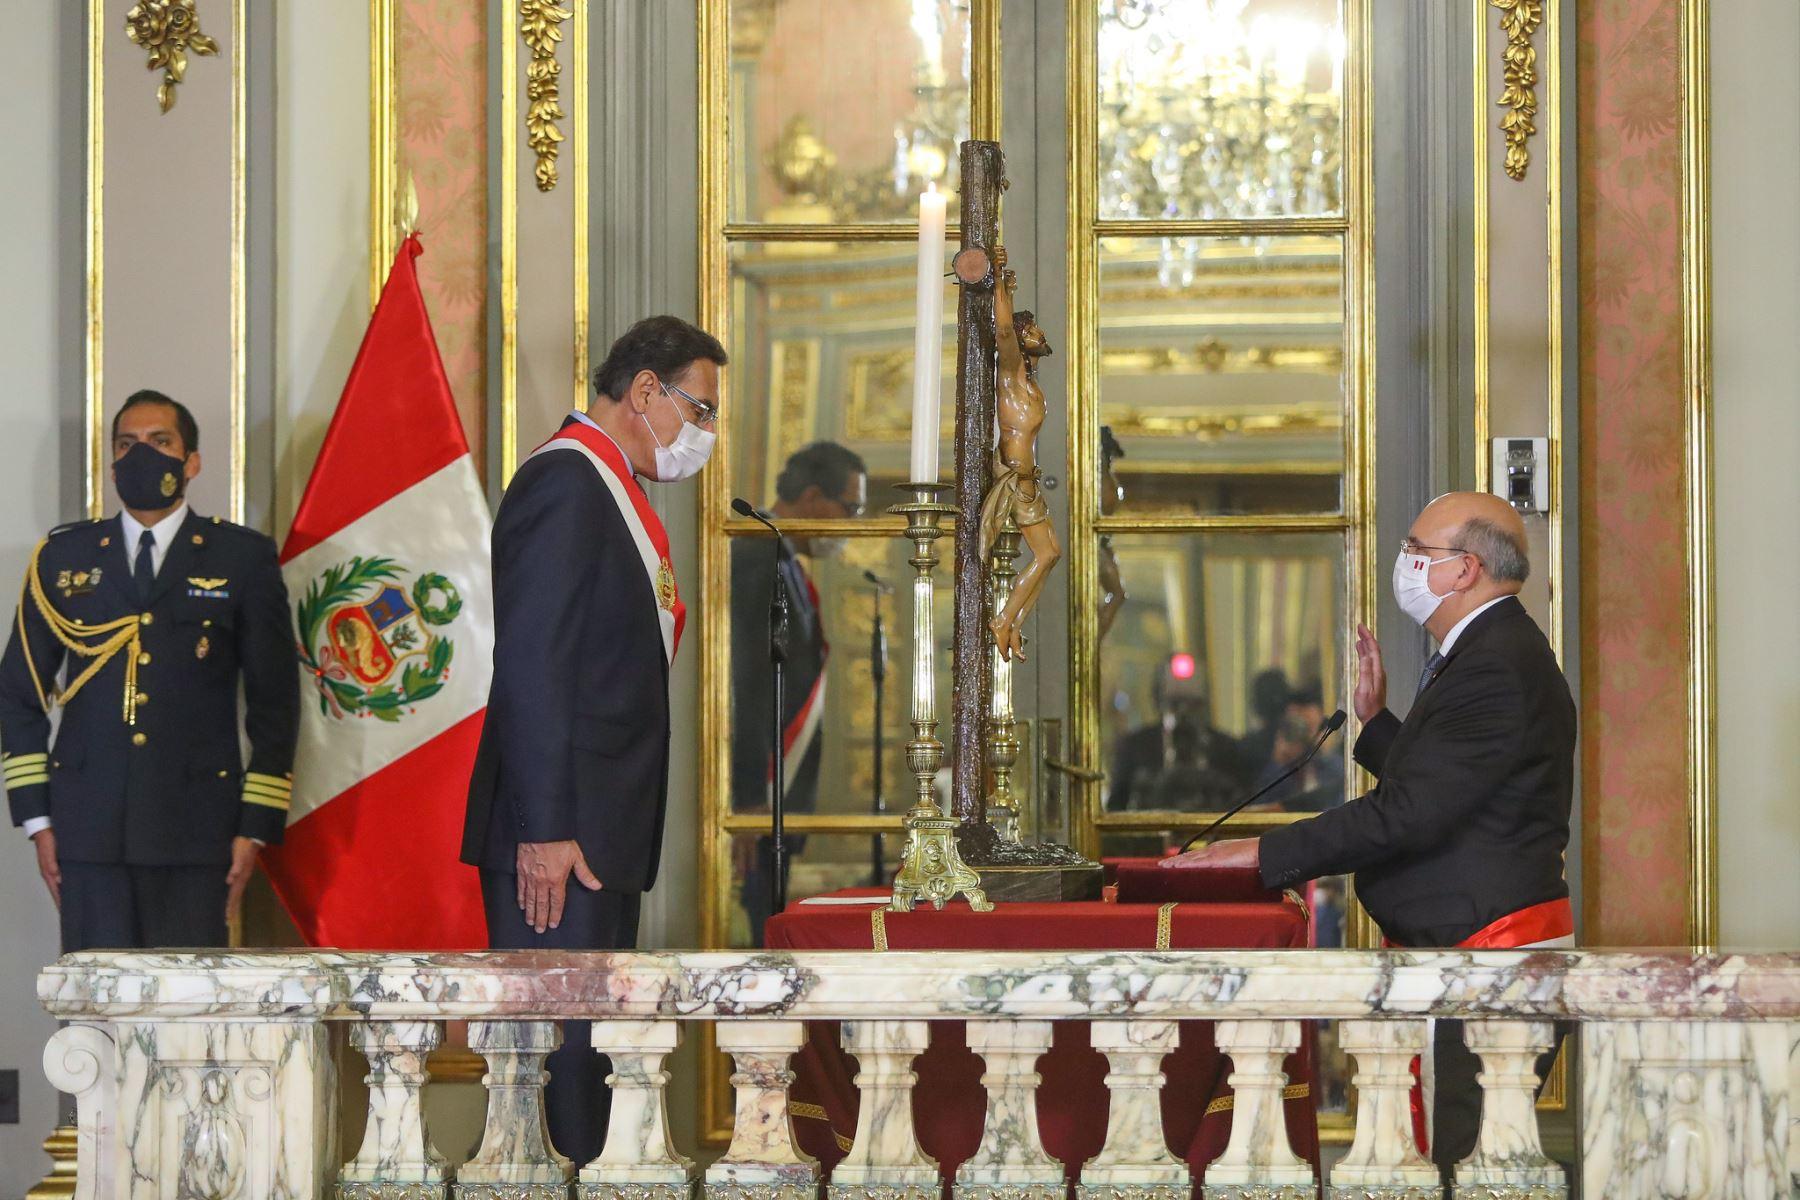 El presidente de la República, Martín Vizcarra, toma juramento a  Juvenal López Chávarry como ministro del Relaciones Exteriores.  Foto: ANDINA/ Prensa Presidencia